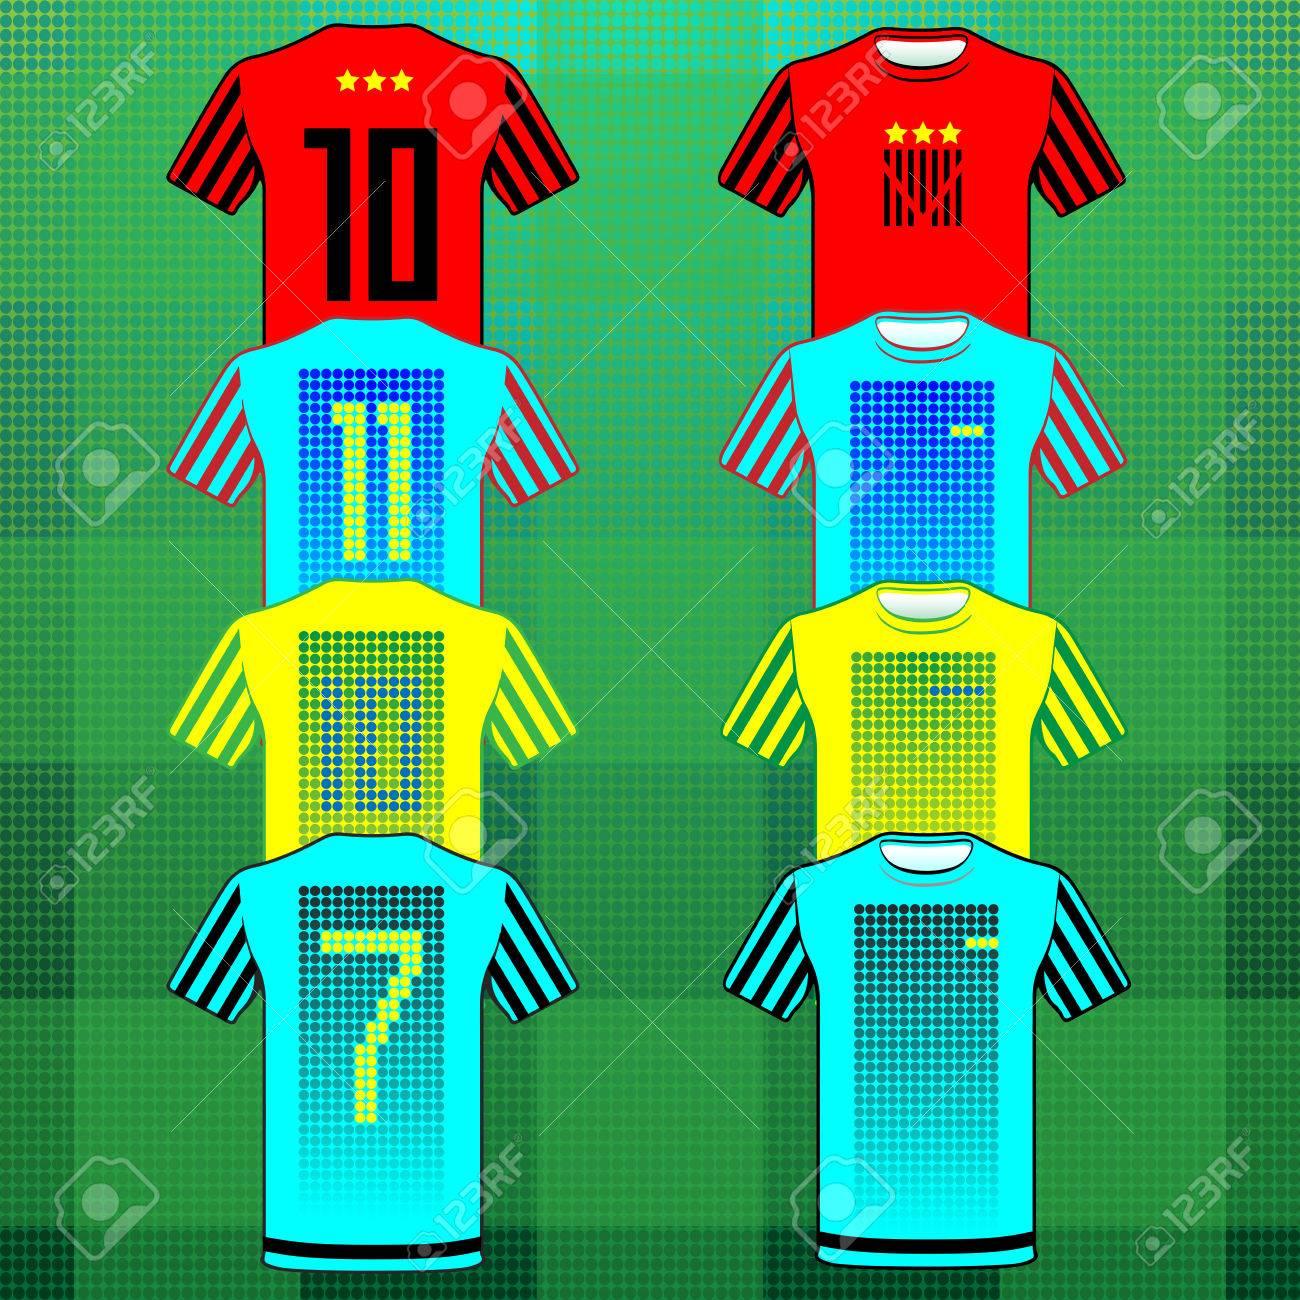 Foto de archivo - Uniforme de Fútbol Fútbol Béisbol Voleibol deporte.  Diseño elegante para los jugadores camisetas. Amarillo bb10f9288ca00